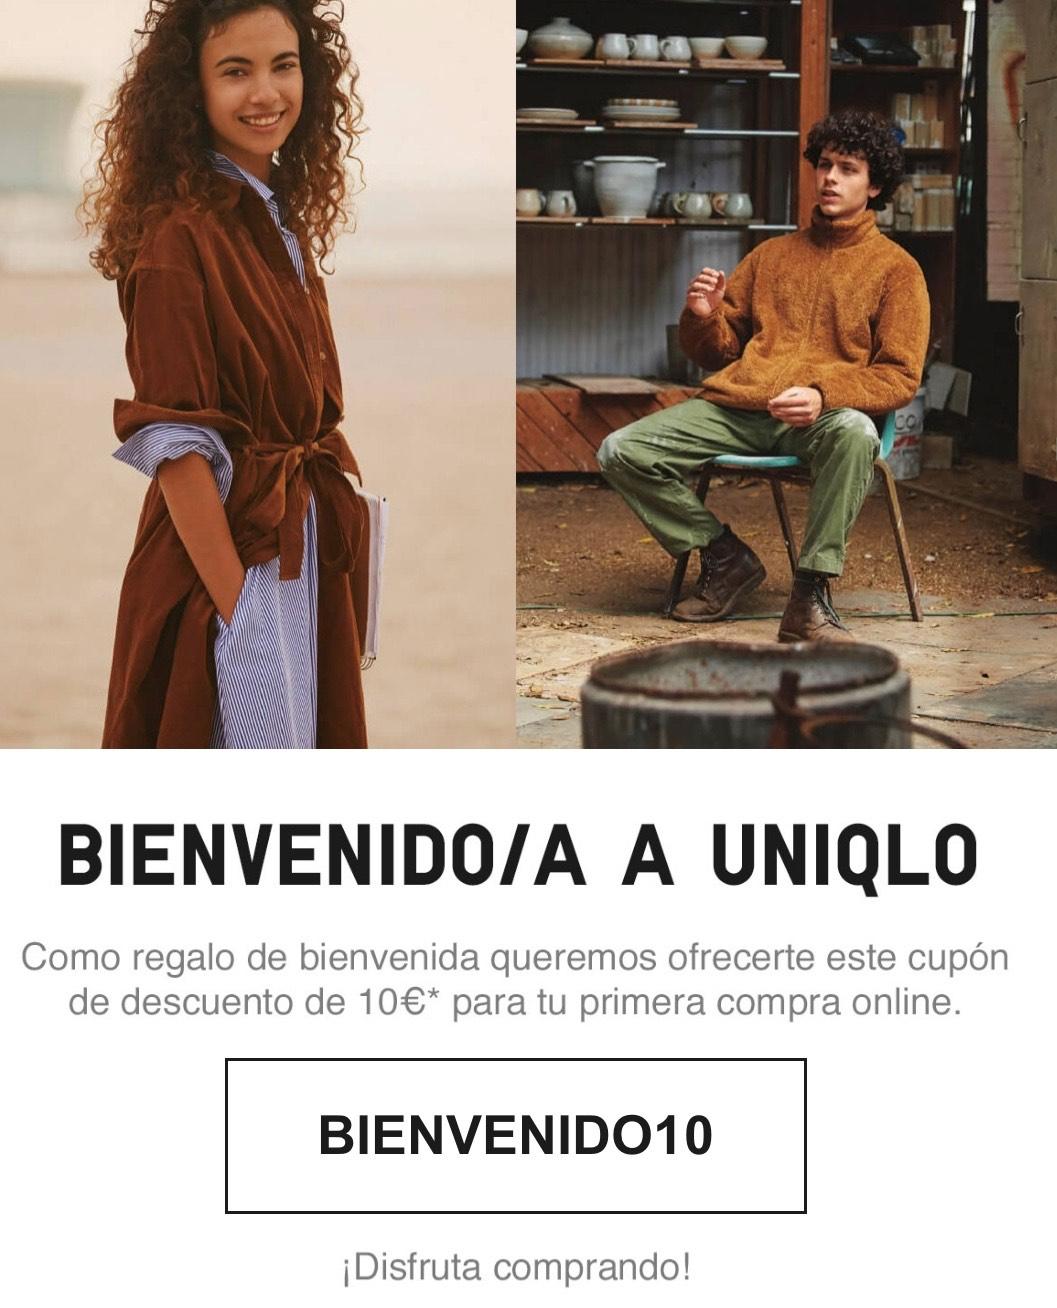 UNIQLO - 10€ de descuento y envío gratis